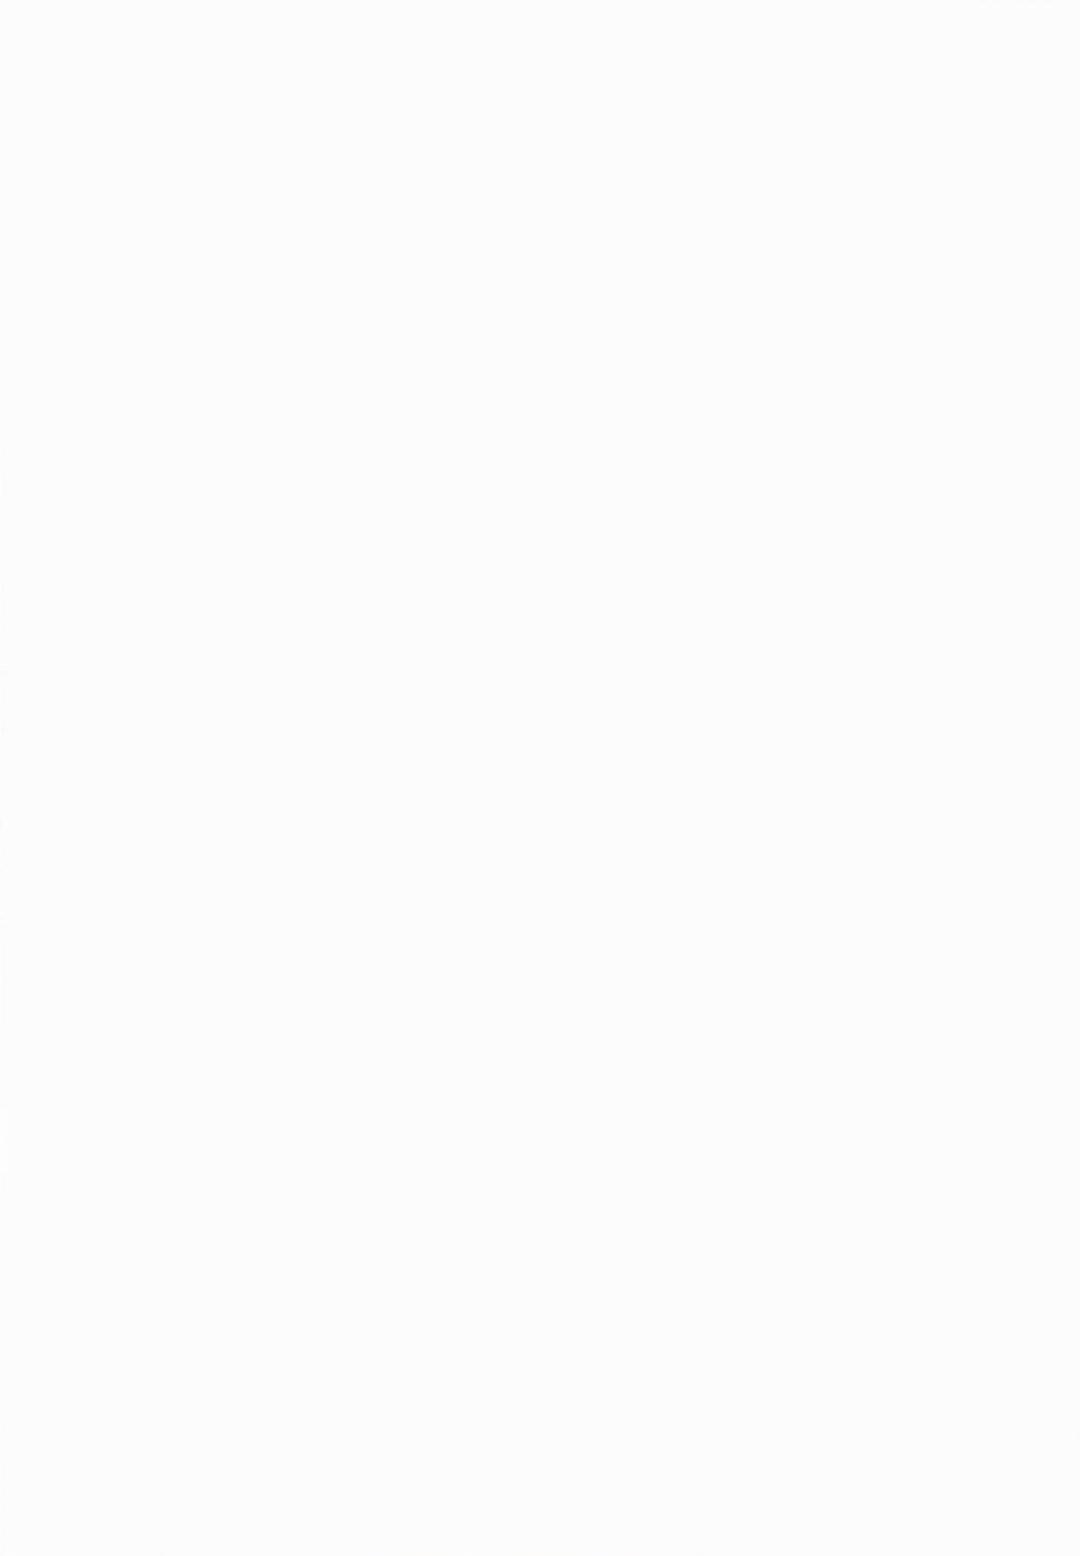 【銀河機攻隊 マジェスティックプリンスエロ漫画】淫乱ビッチにされた身体を男達に犯され肉便器にされる【夢乃狸】